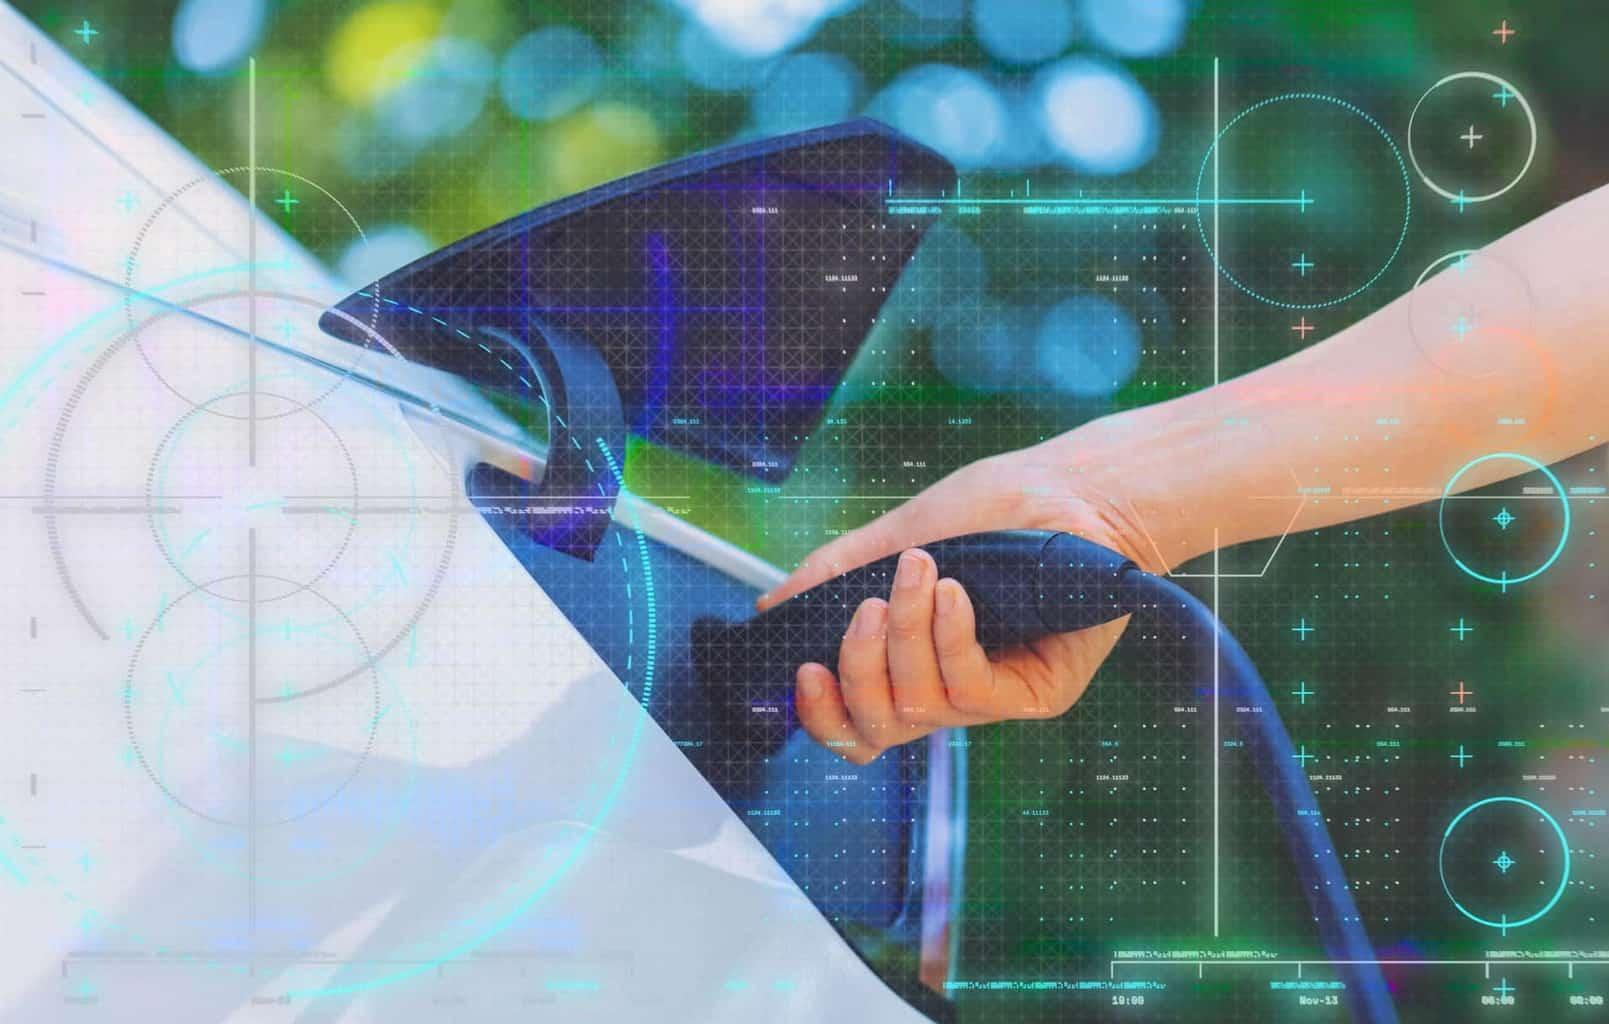 Geprüfte Ladeinfrastruktur für mehr Sicherheit in der Elektromobilität